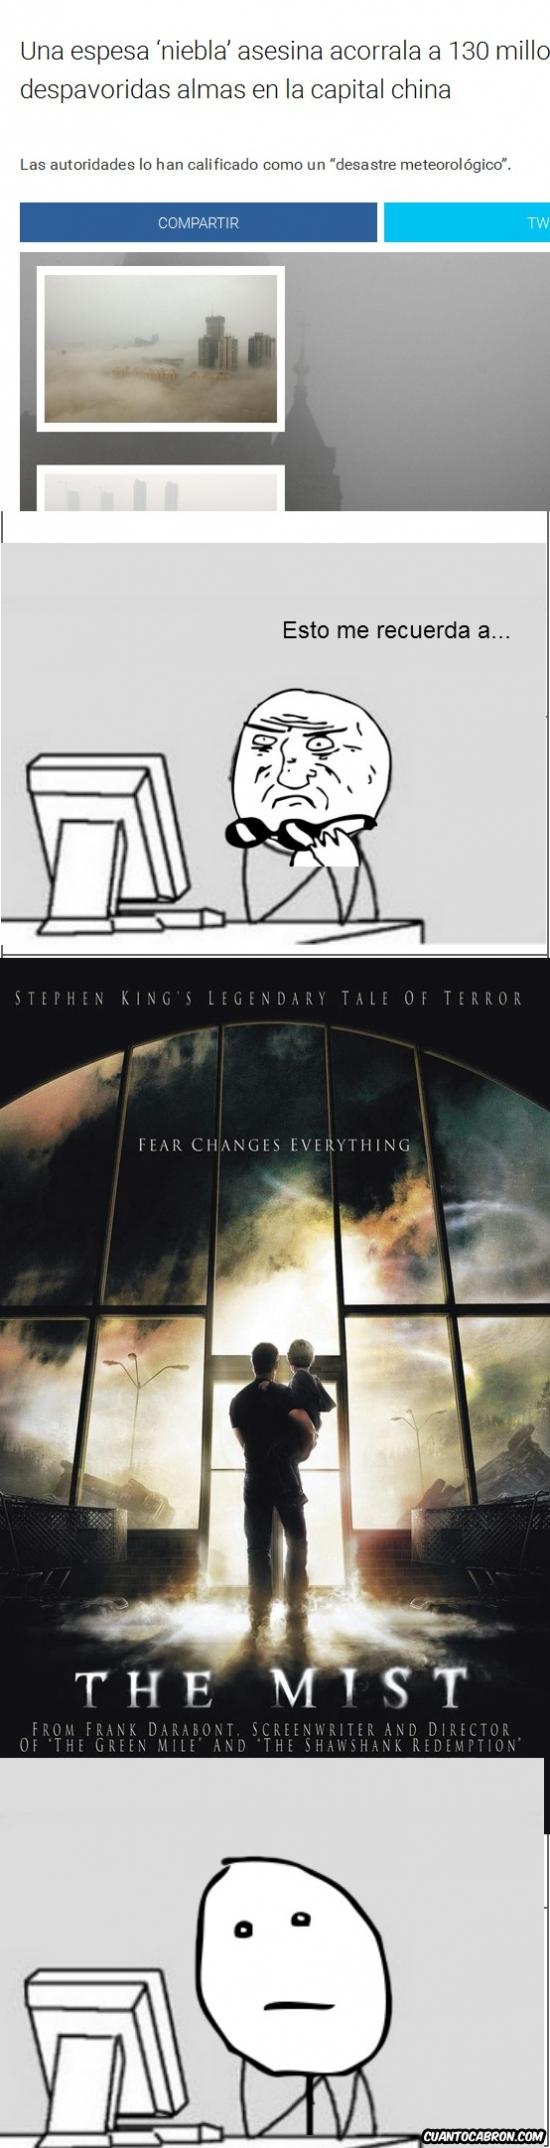 Allthethings - Cuando la realidad super a la ficción